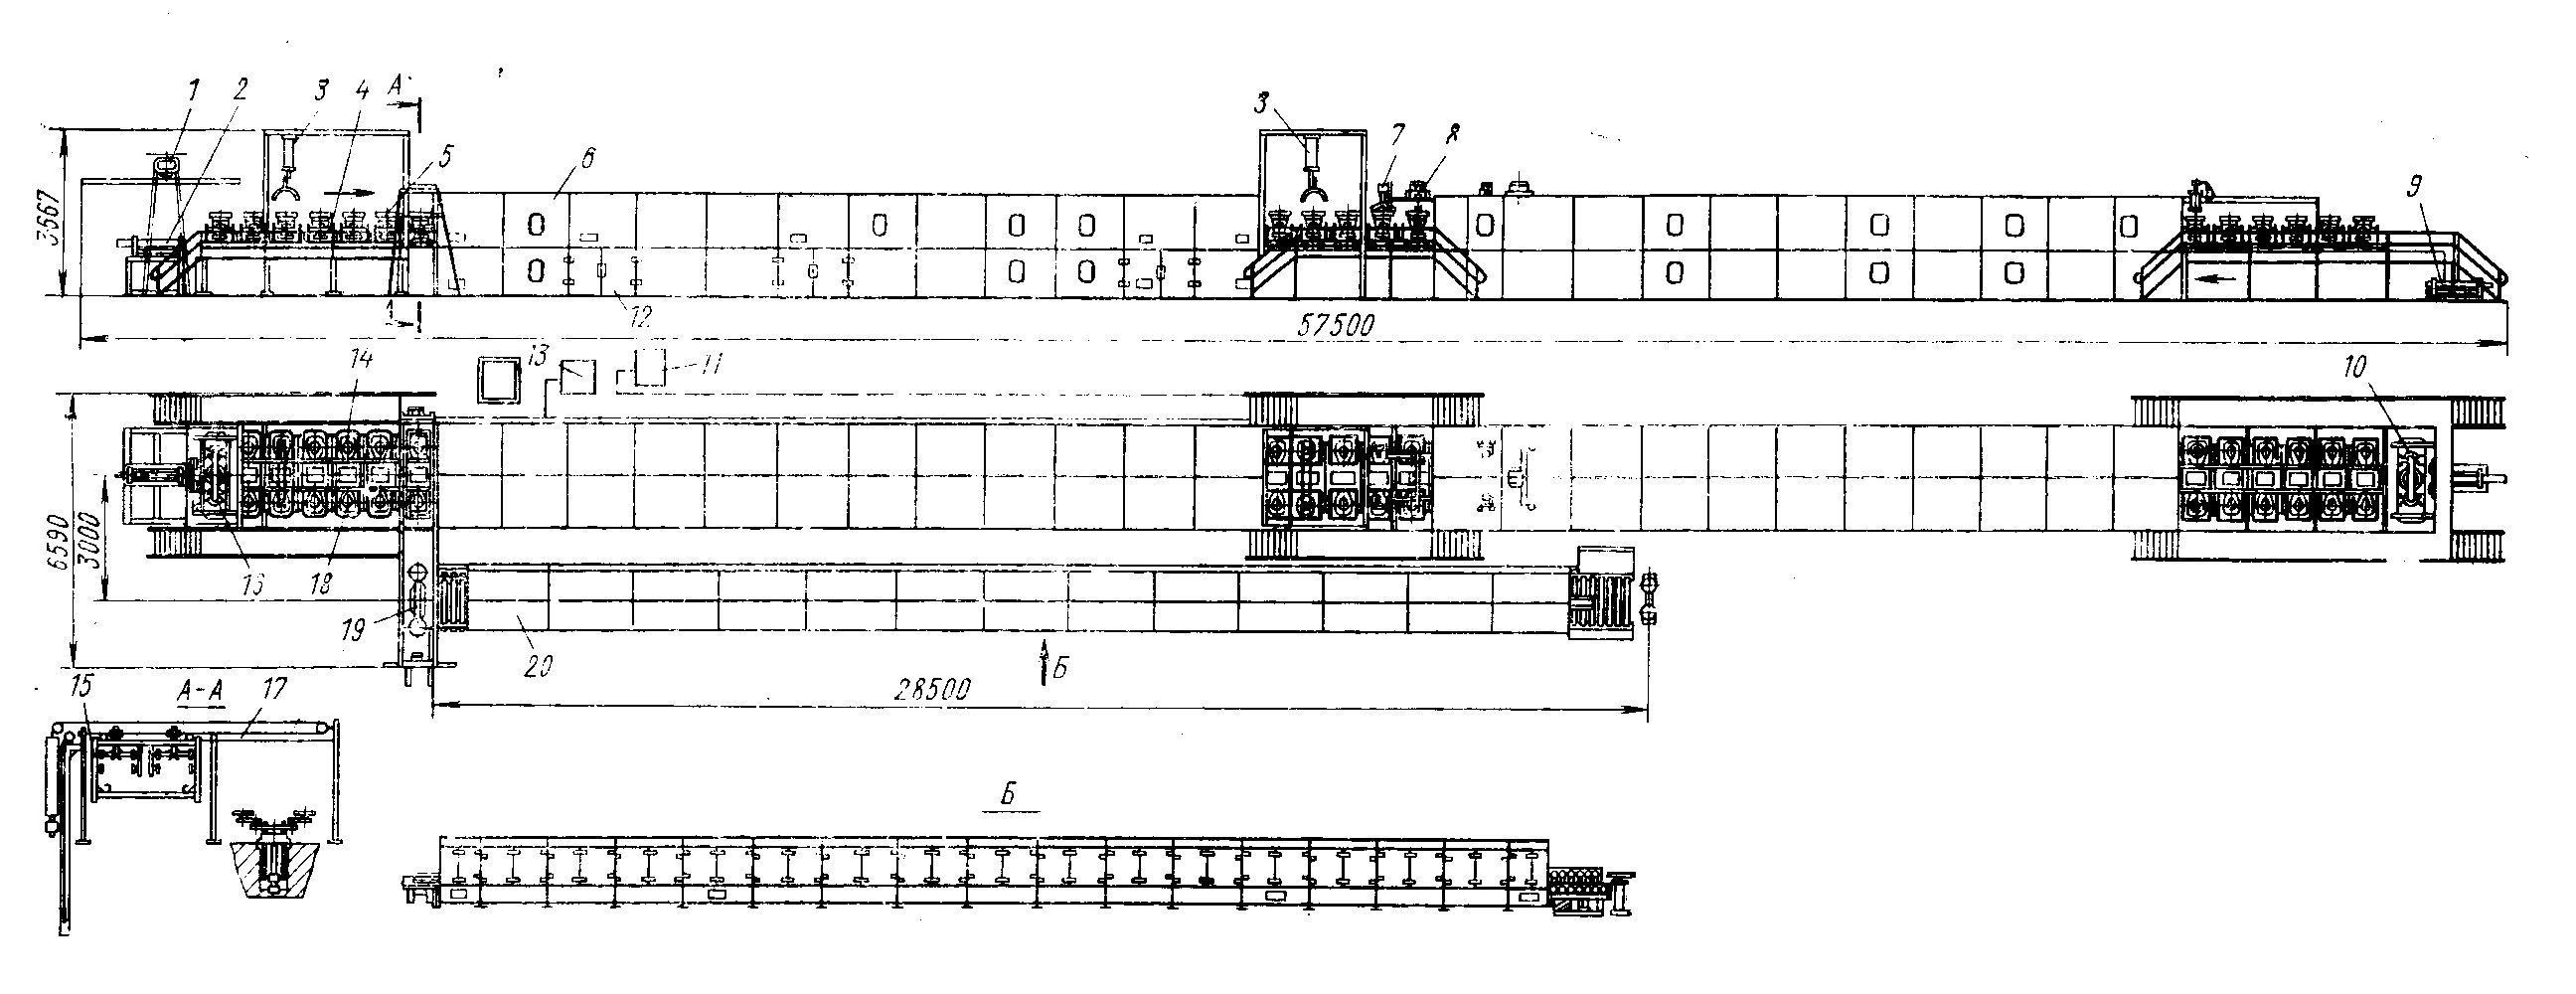 Пример конвейера фары тюнинг транспортер т4